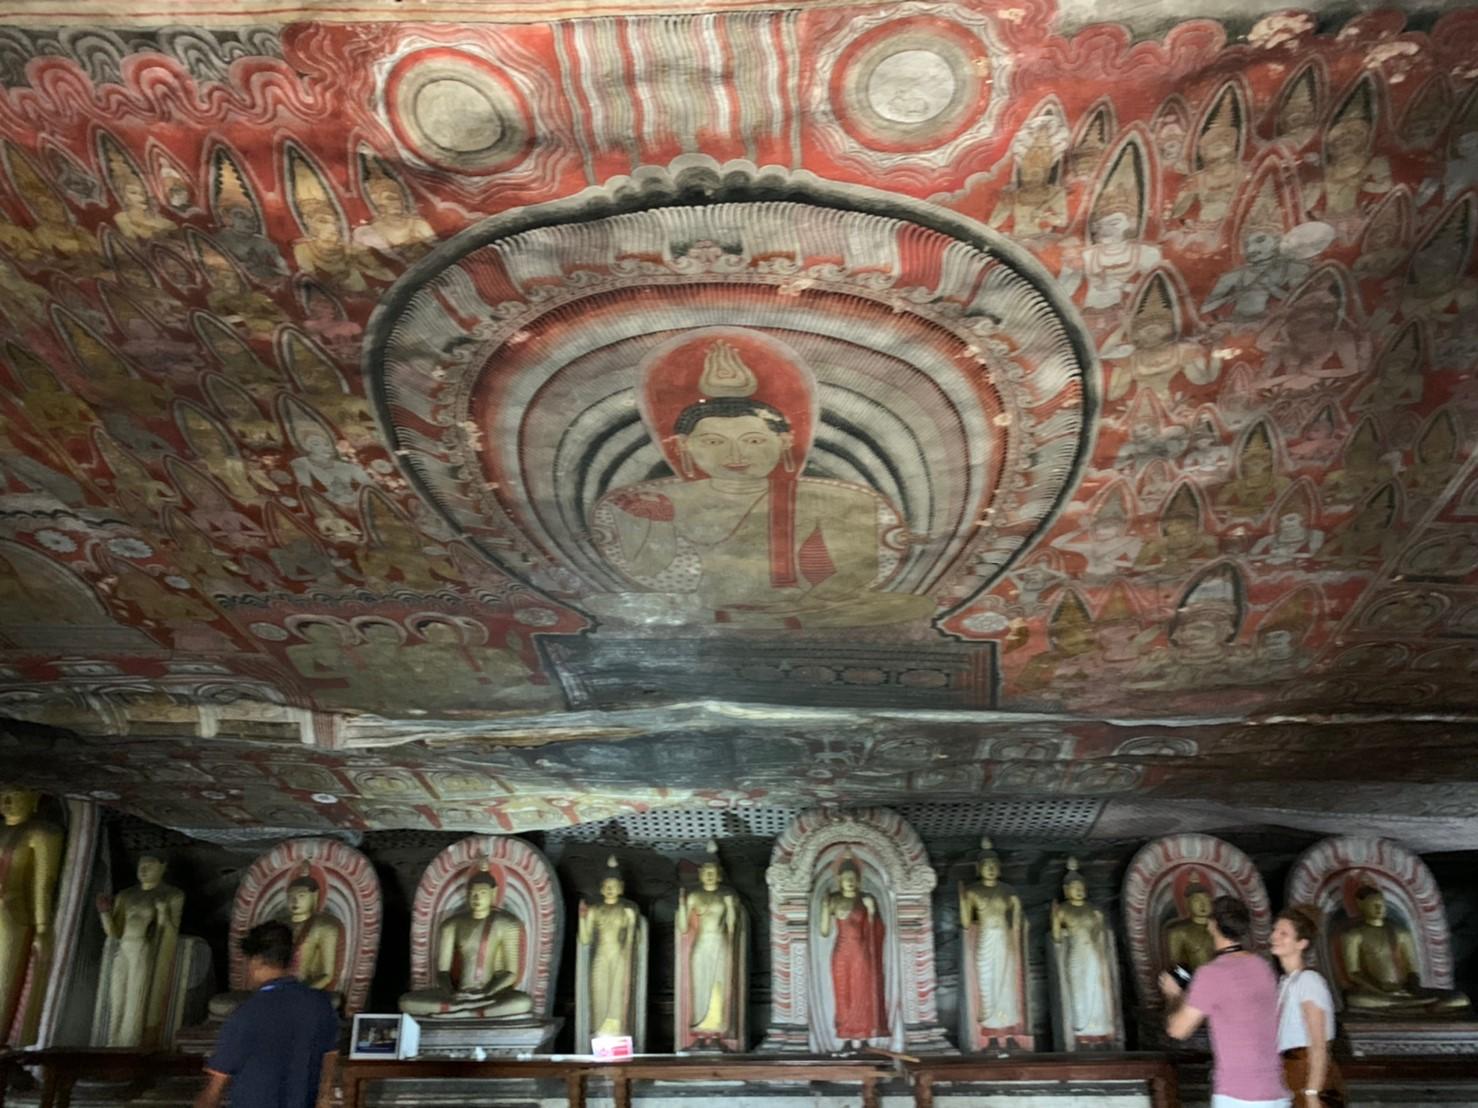 ダンブッラ石窟寺院の内装